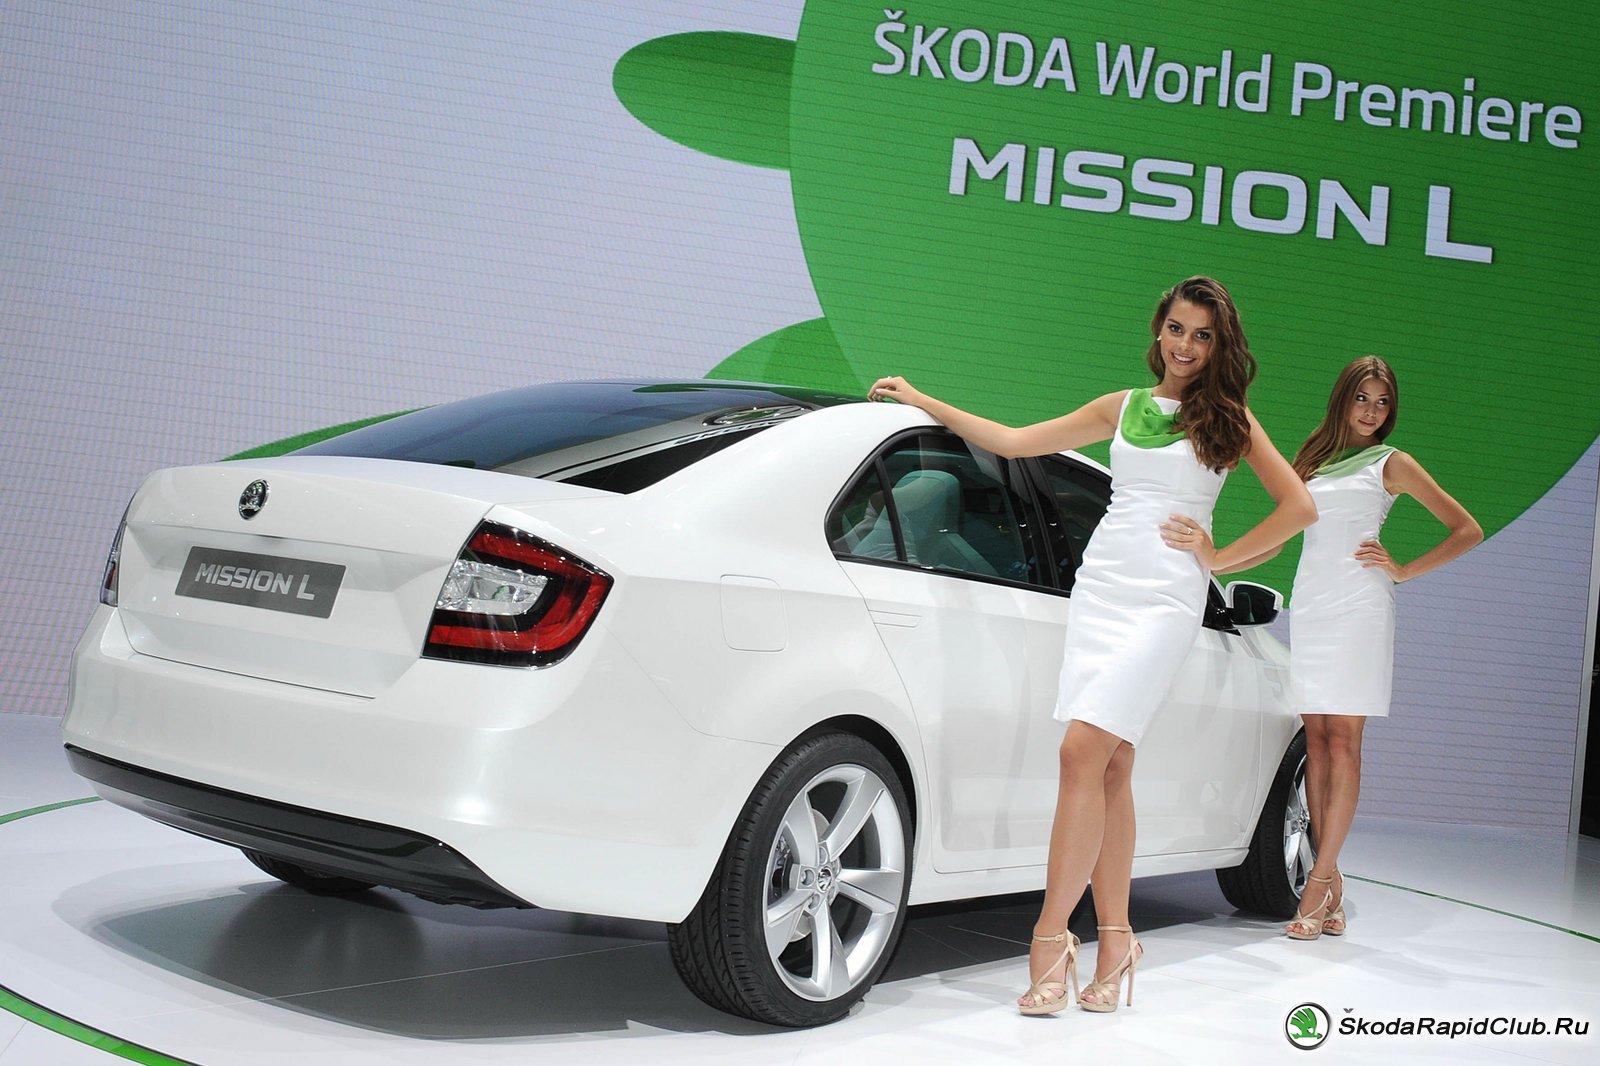 Концепт Skoda Mission L